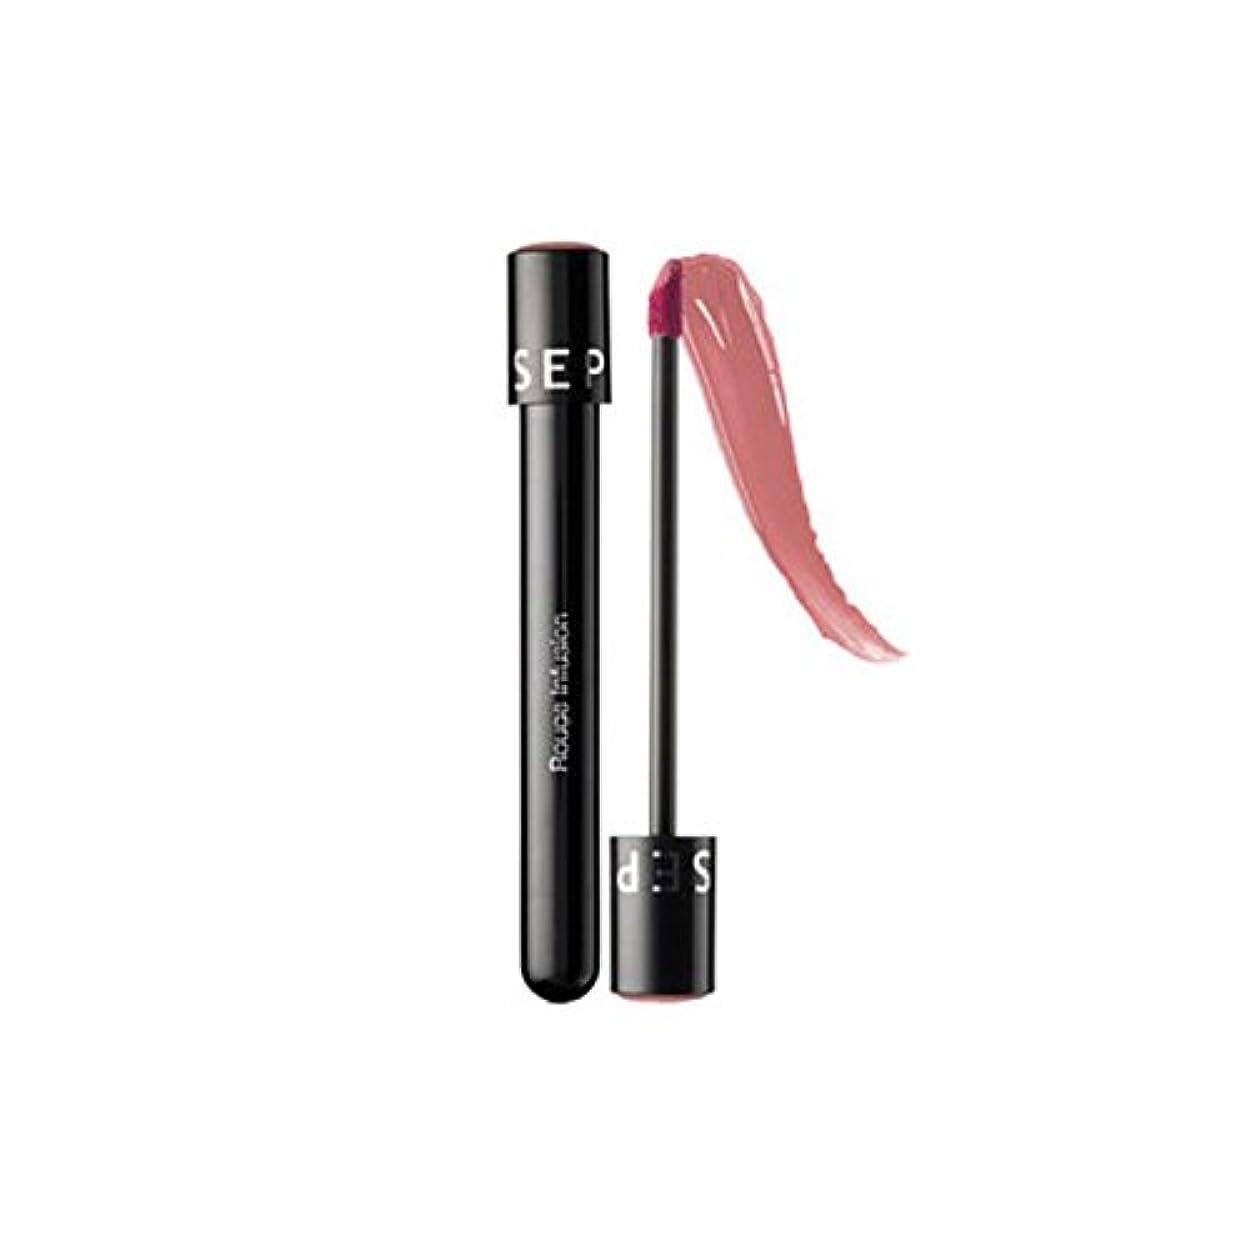 安定シリーズ中央値SEPHORA COLLECTION ルージュリップステイン輸液- Rosebud, Rouge Infusion Lip Stain, 0.152 oz / 4.3g [並行輸入品] [海外直送品]